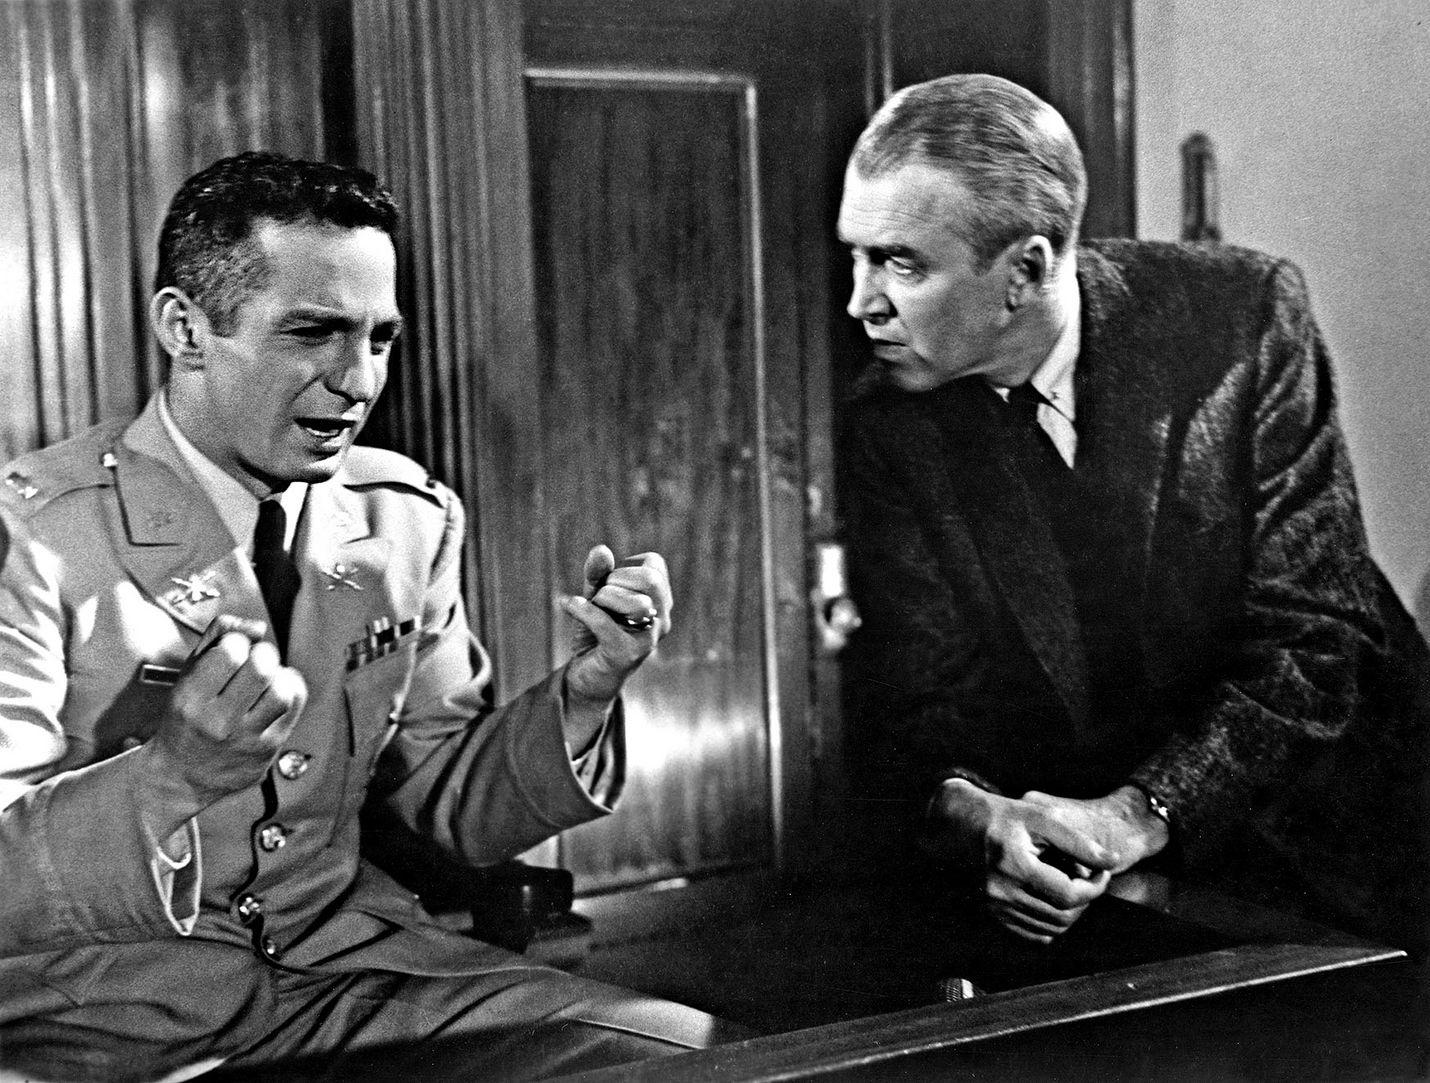 Erään murhan anatomia on tiheätunnelmainen klassikko pikkukaupungin lakimiehestä (James Stewart), joka mutkikkaaksi käyvässä oikeudenkäynnissä puolustaa murhasta syytettyä upseeria (Ben Gazzara).